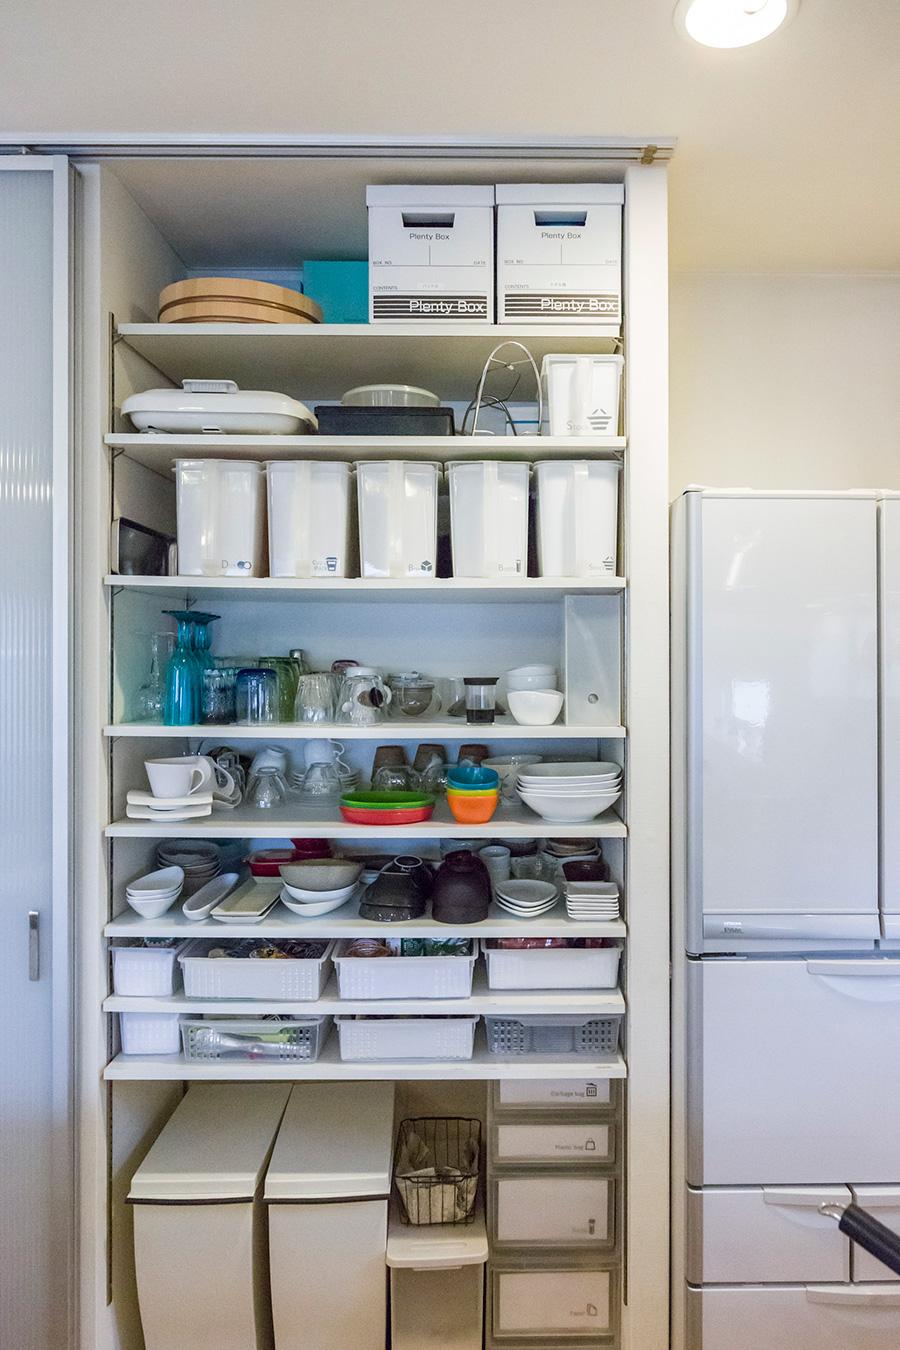 食器やカトラリーは、よく使うものを腰から目の高さに。たまにしか使わないものはアイテム毎に分け、吊戸ストッカーに入れている。